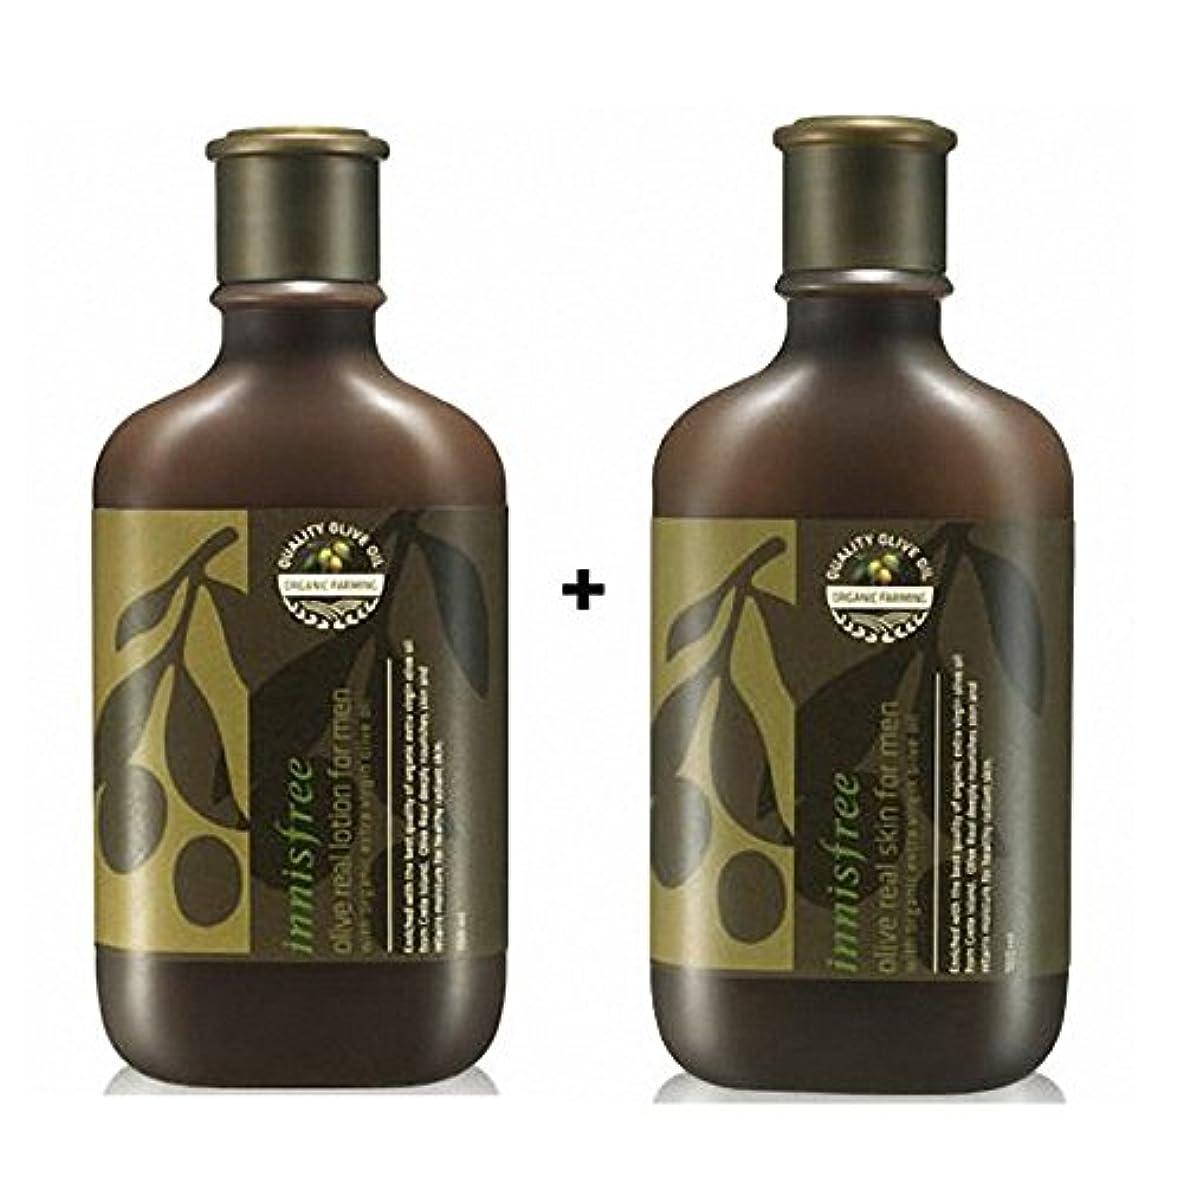 アメリカ終わったに負ける[イニスフリー] Innisfree オリーブリアルローション.スキンフォアマンセット(150ml+150ml) Innisfree Olive Real Lotion.Skin Set  For Men(150ml+150ml...